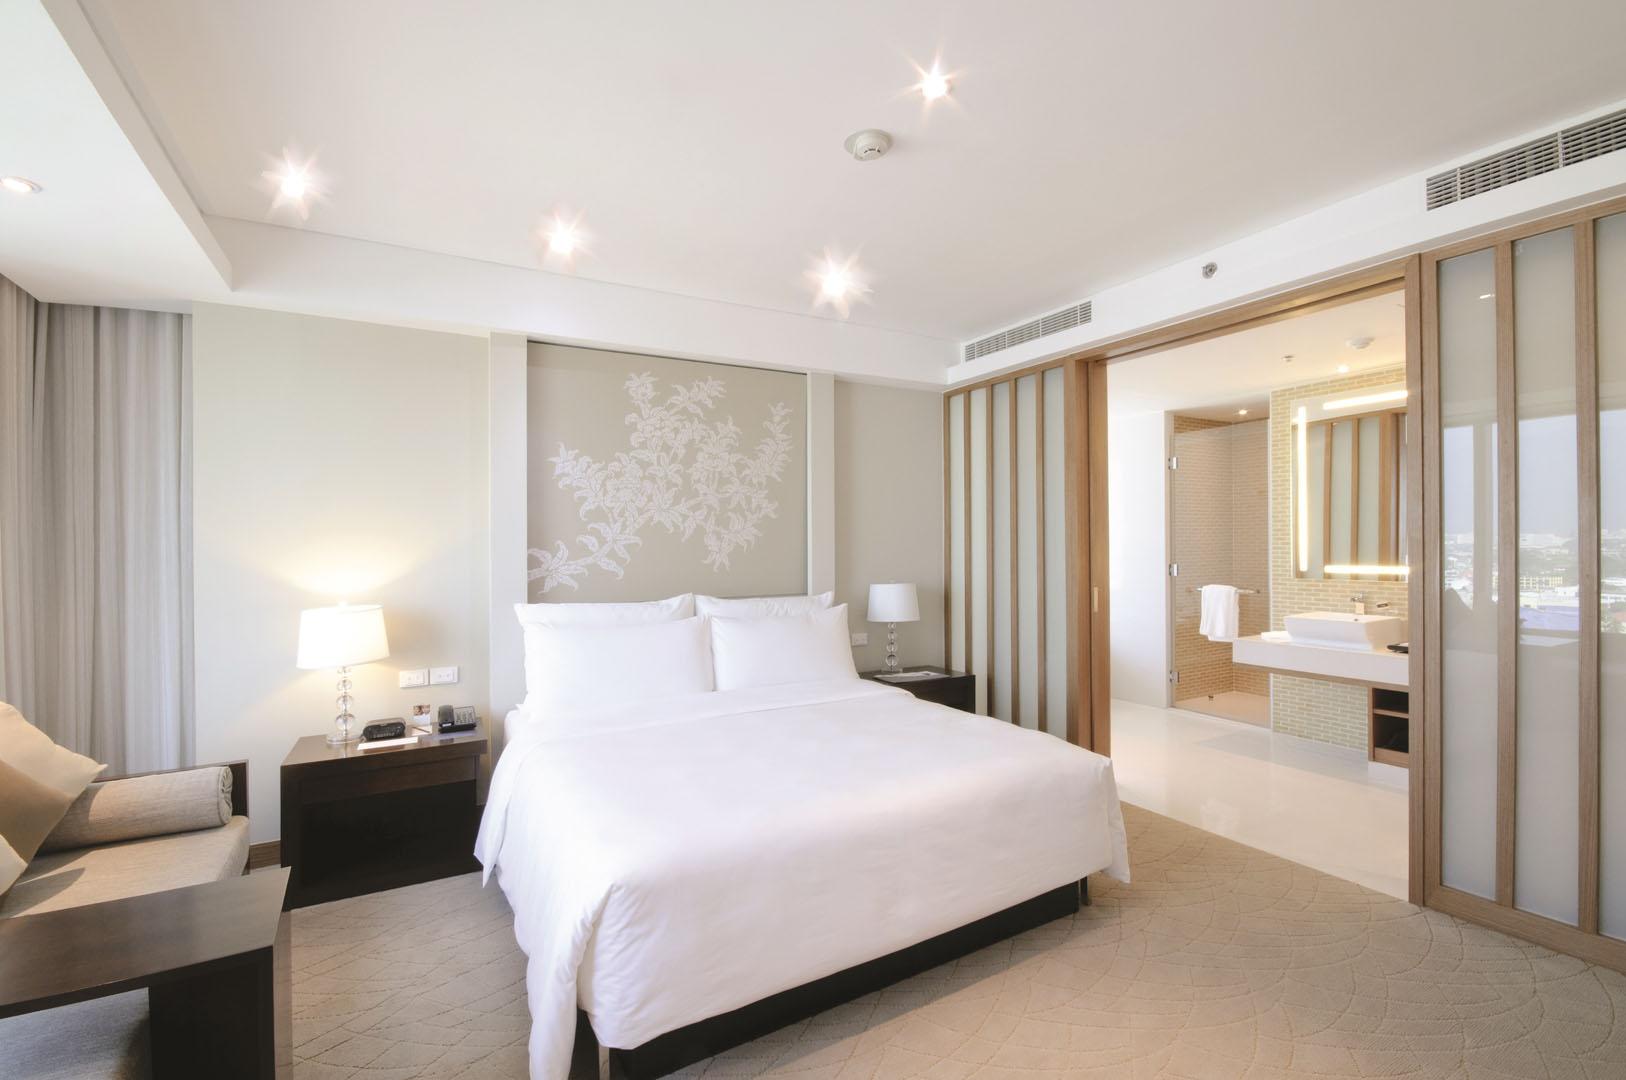 Verwarmen en koelen met een Samsung warmtepomp airco in hotels